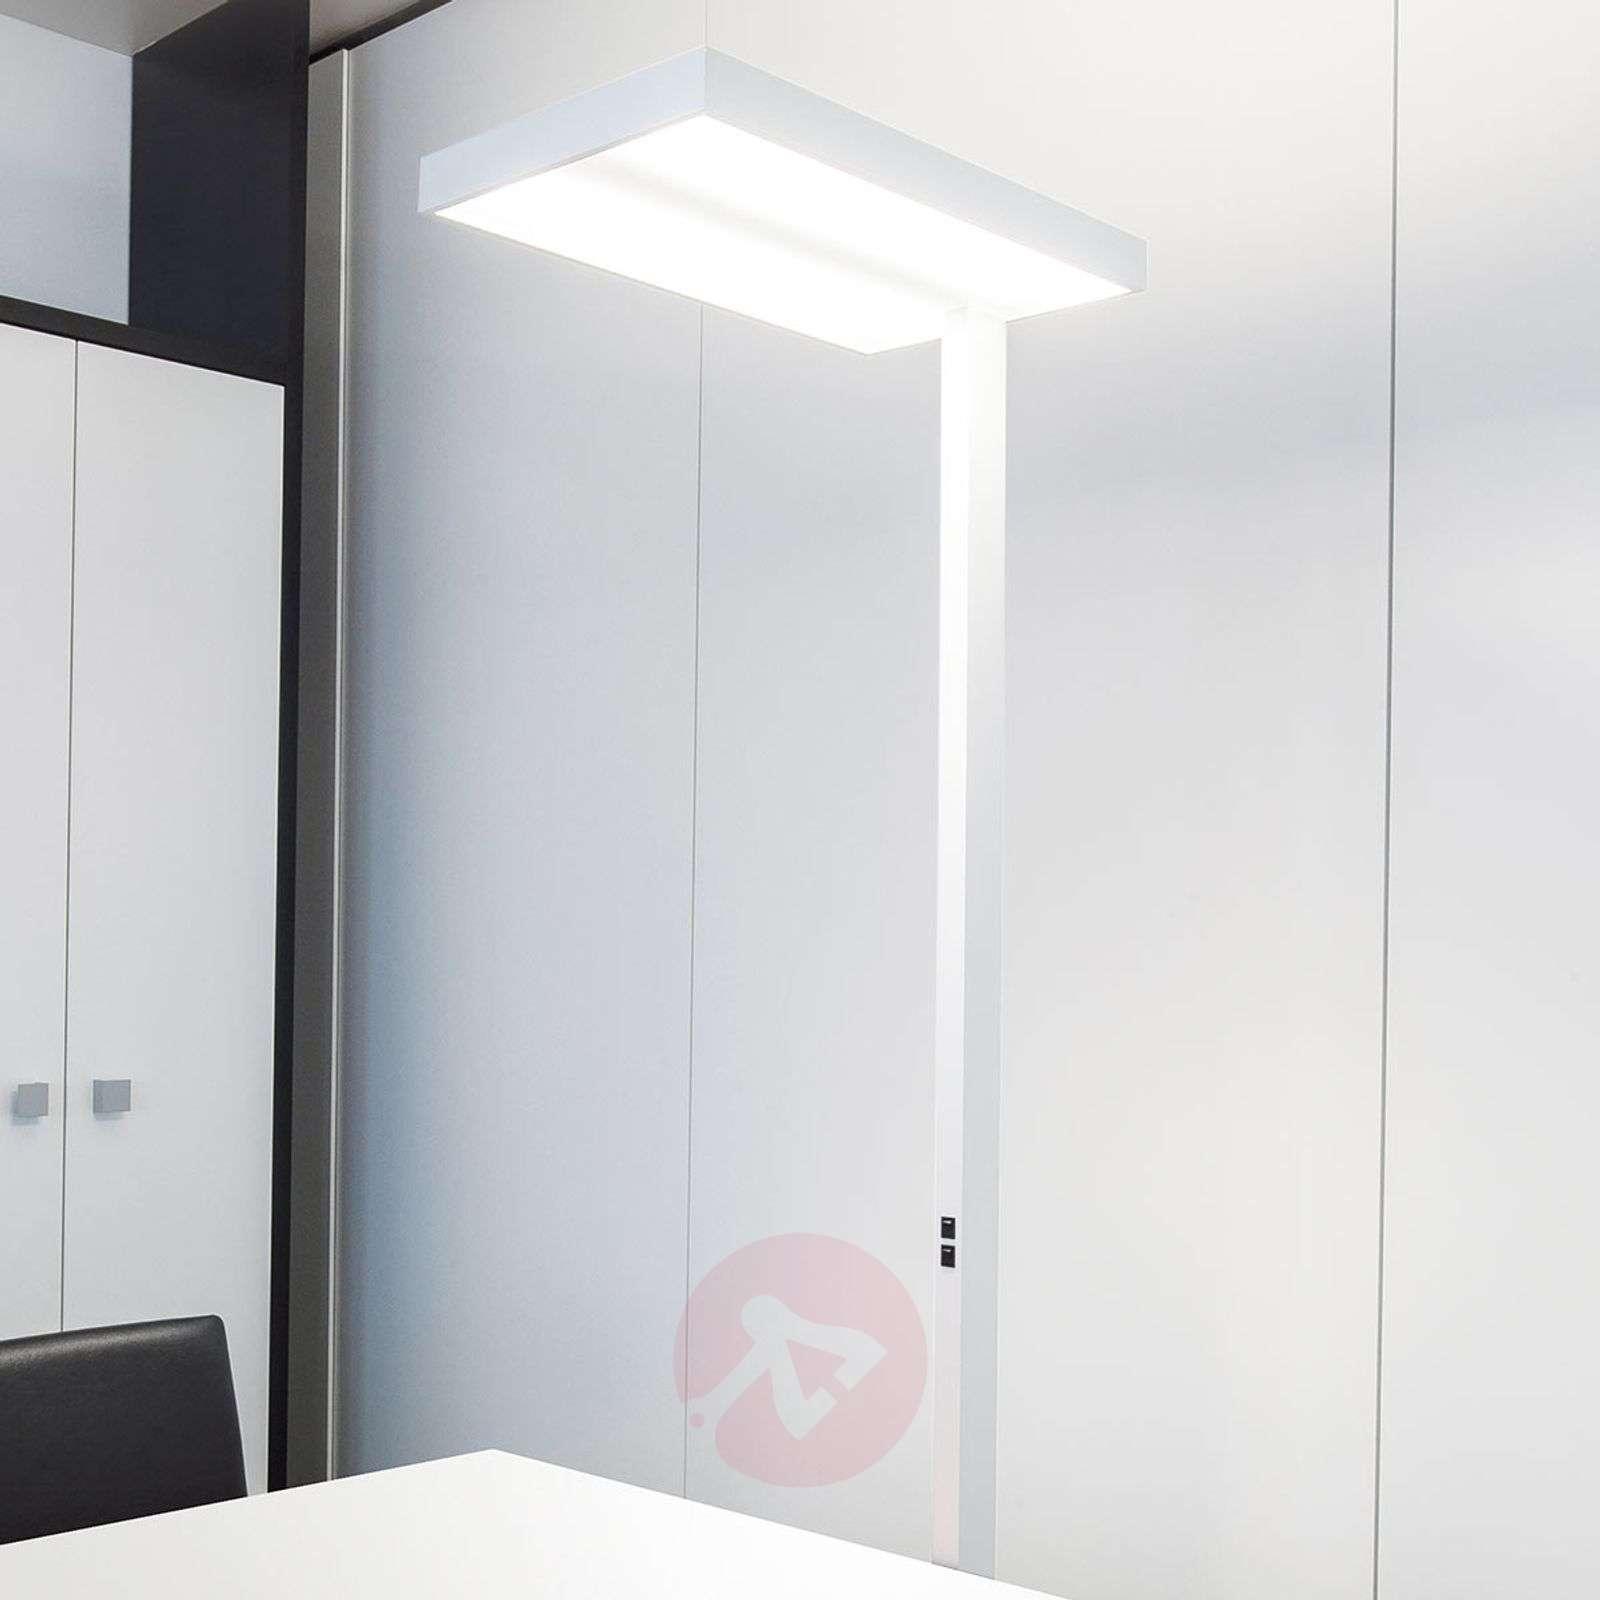 LED-lattiavalaisin System 01, valkoinen-6523826X-01